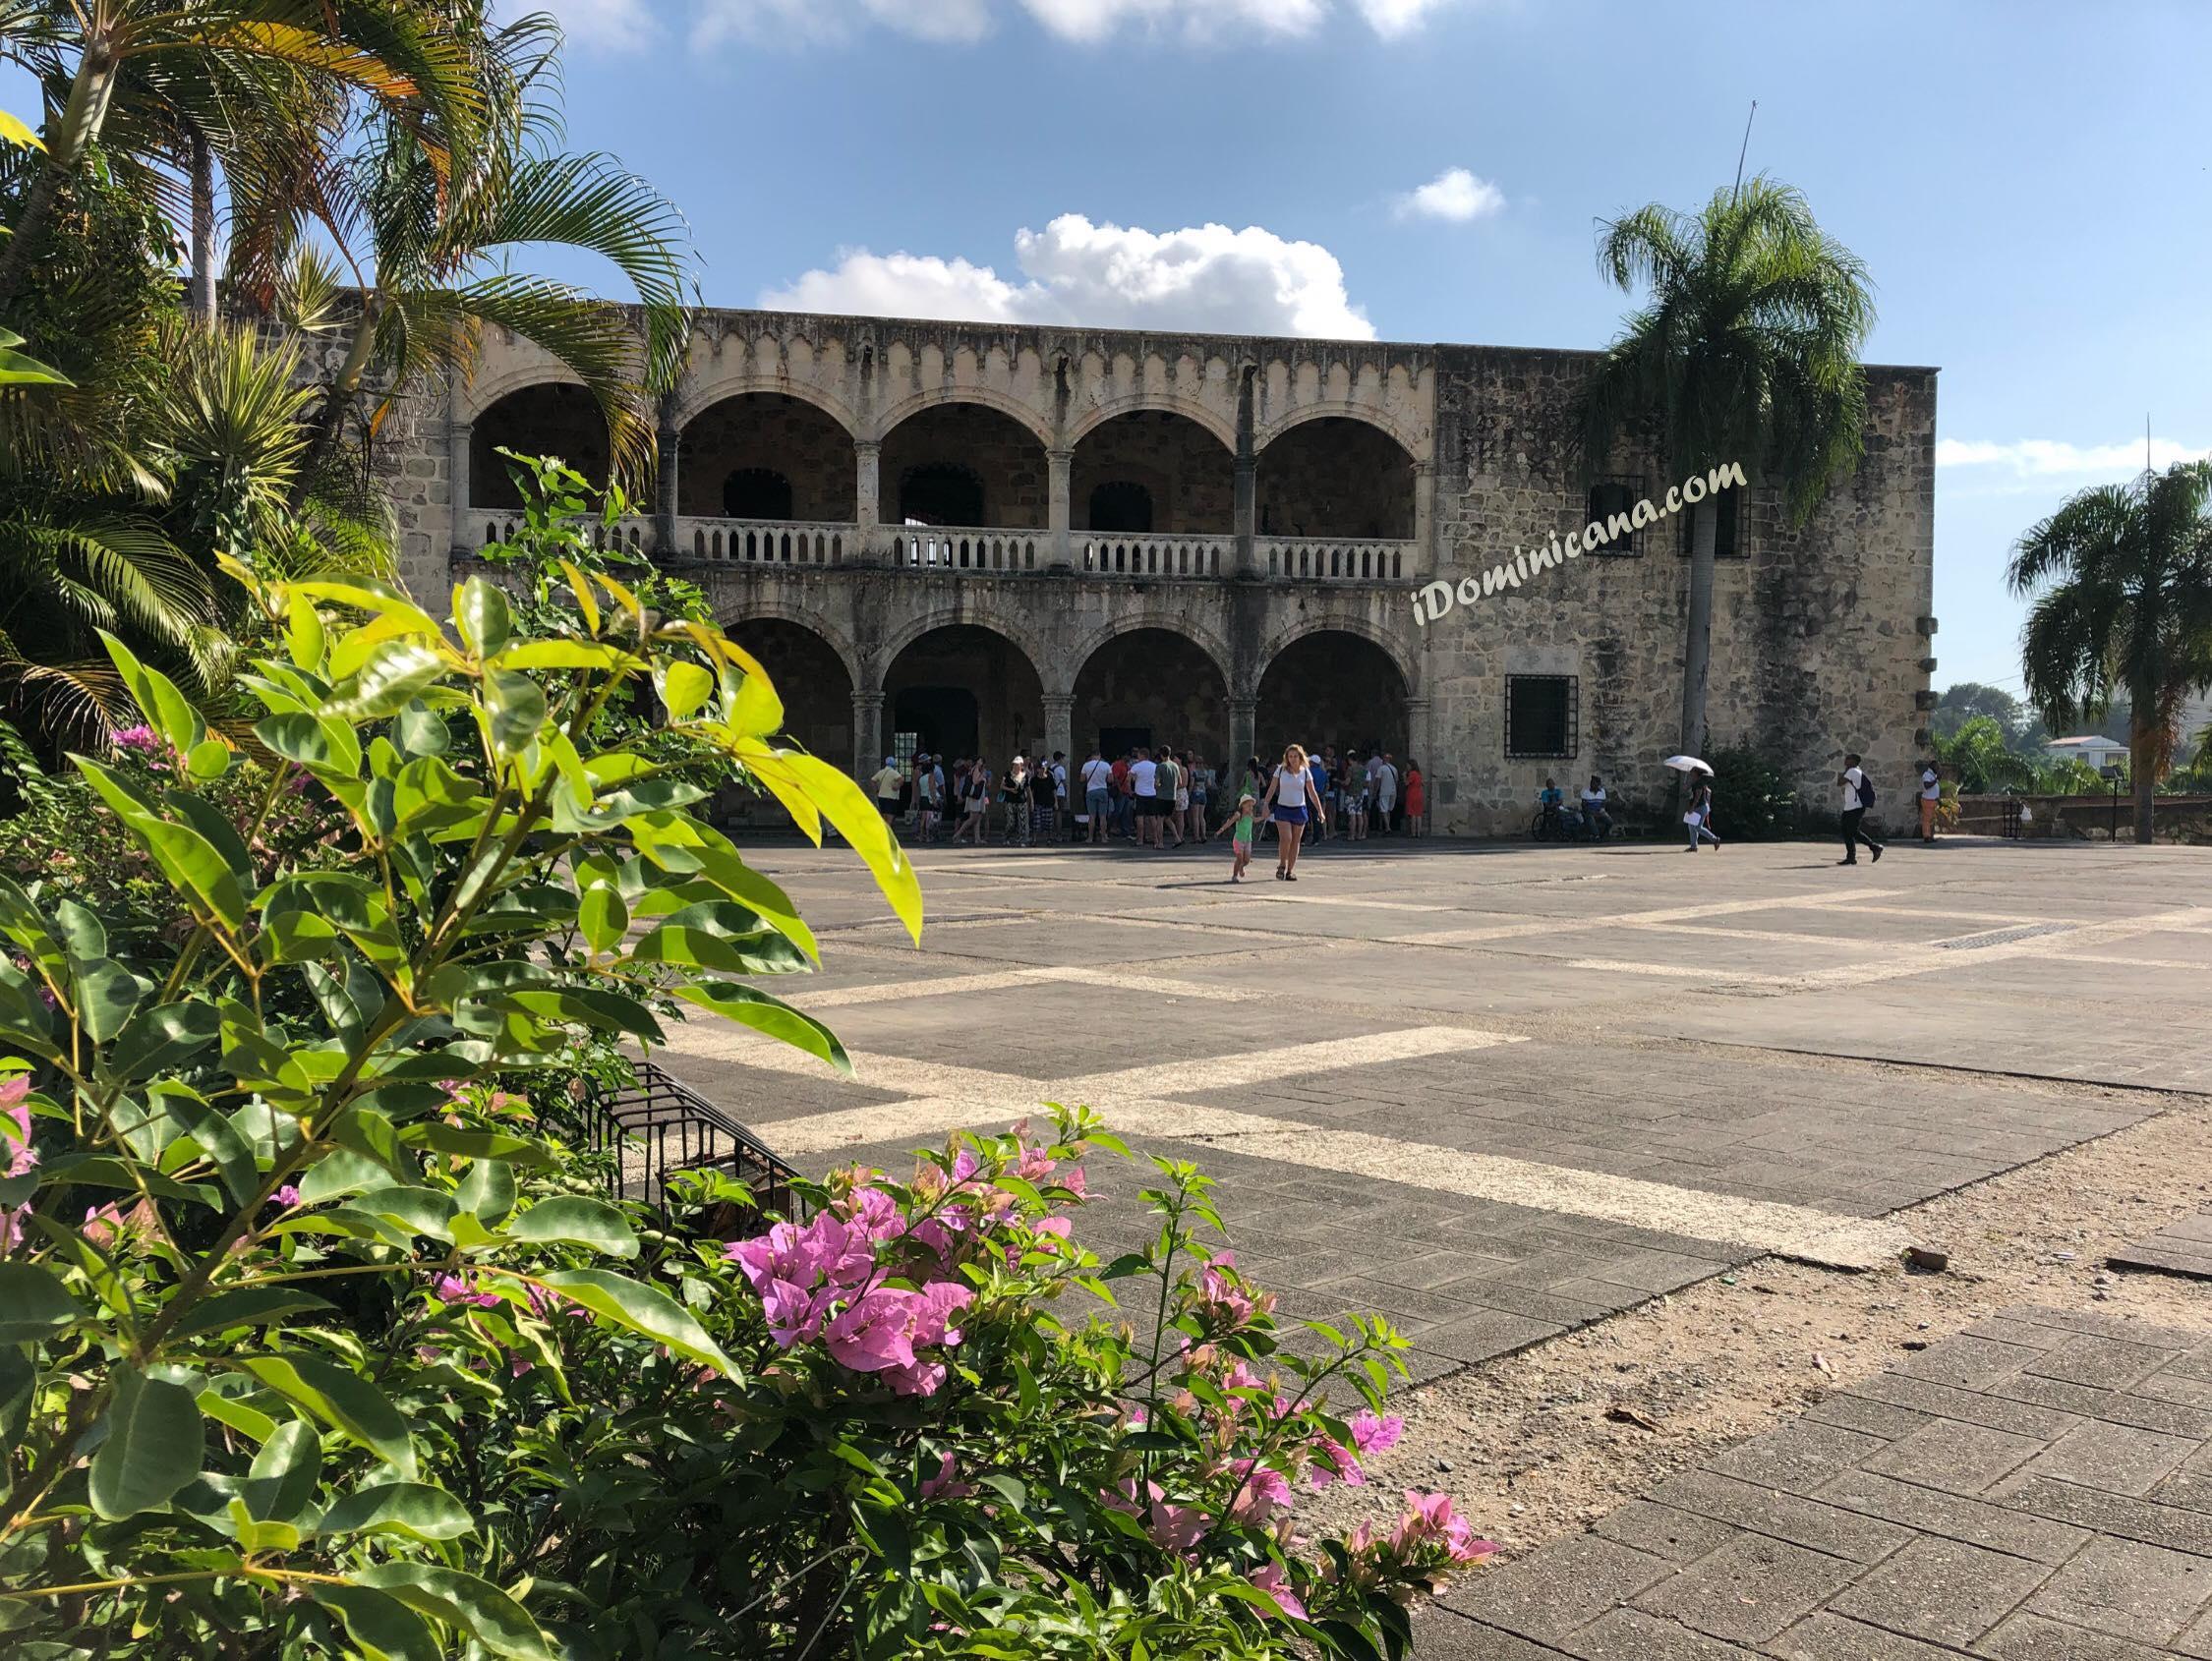 ЮНЕСКО признала Санто-Доминго самым музыкальным городом на Карибах iDominicana.com